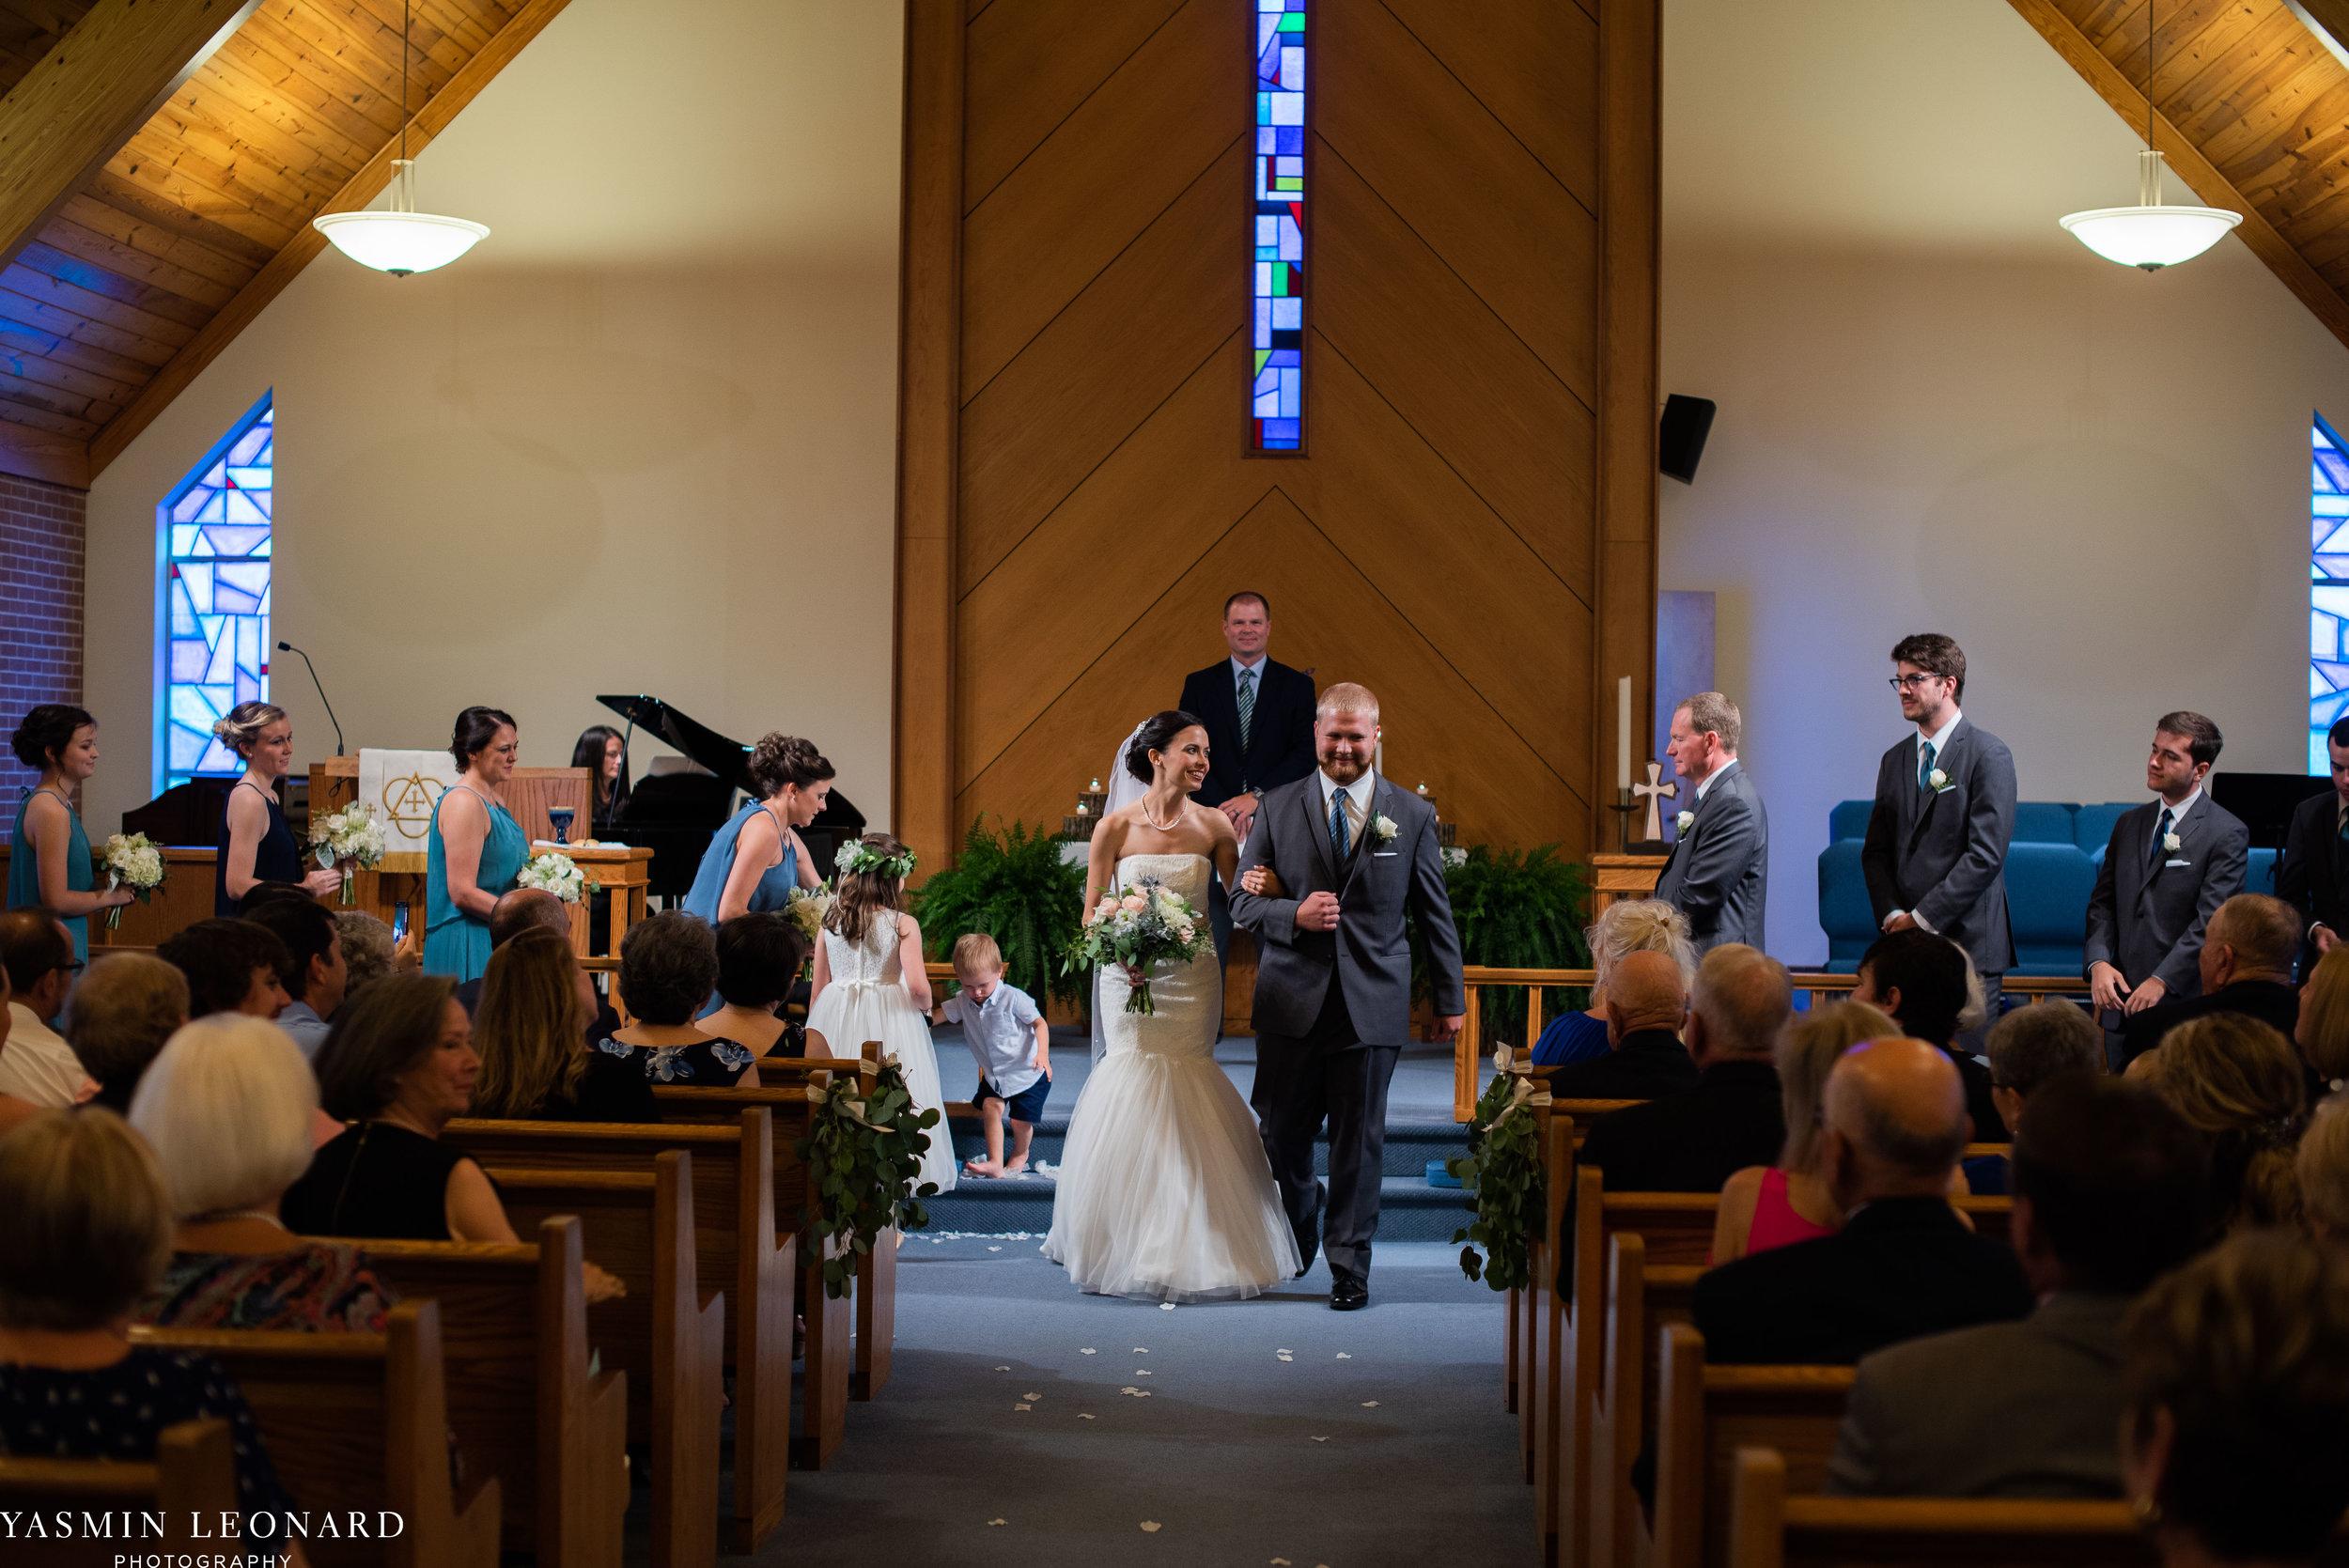 Mt. Pleasant Church - Church Wedding - Traditional Wedding - Church Ceremony - Country Wedding - Godly Wedding - NC Wedding Photographer - High Point Weddings - Triad Weddings - NC Venues-26.jpg